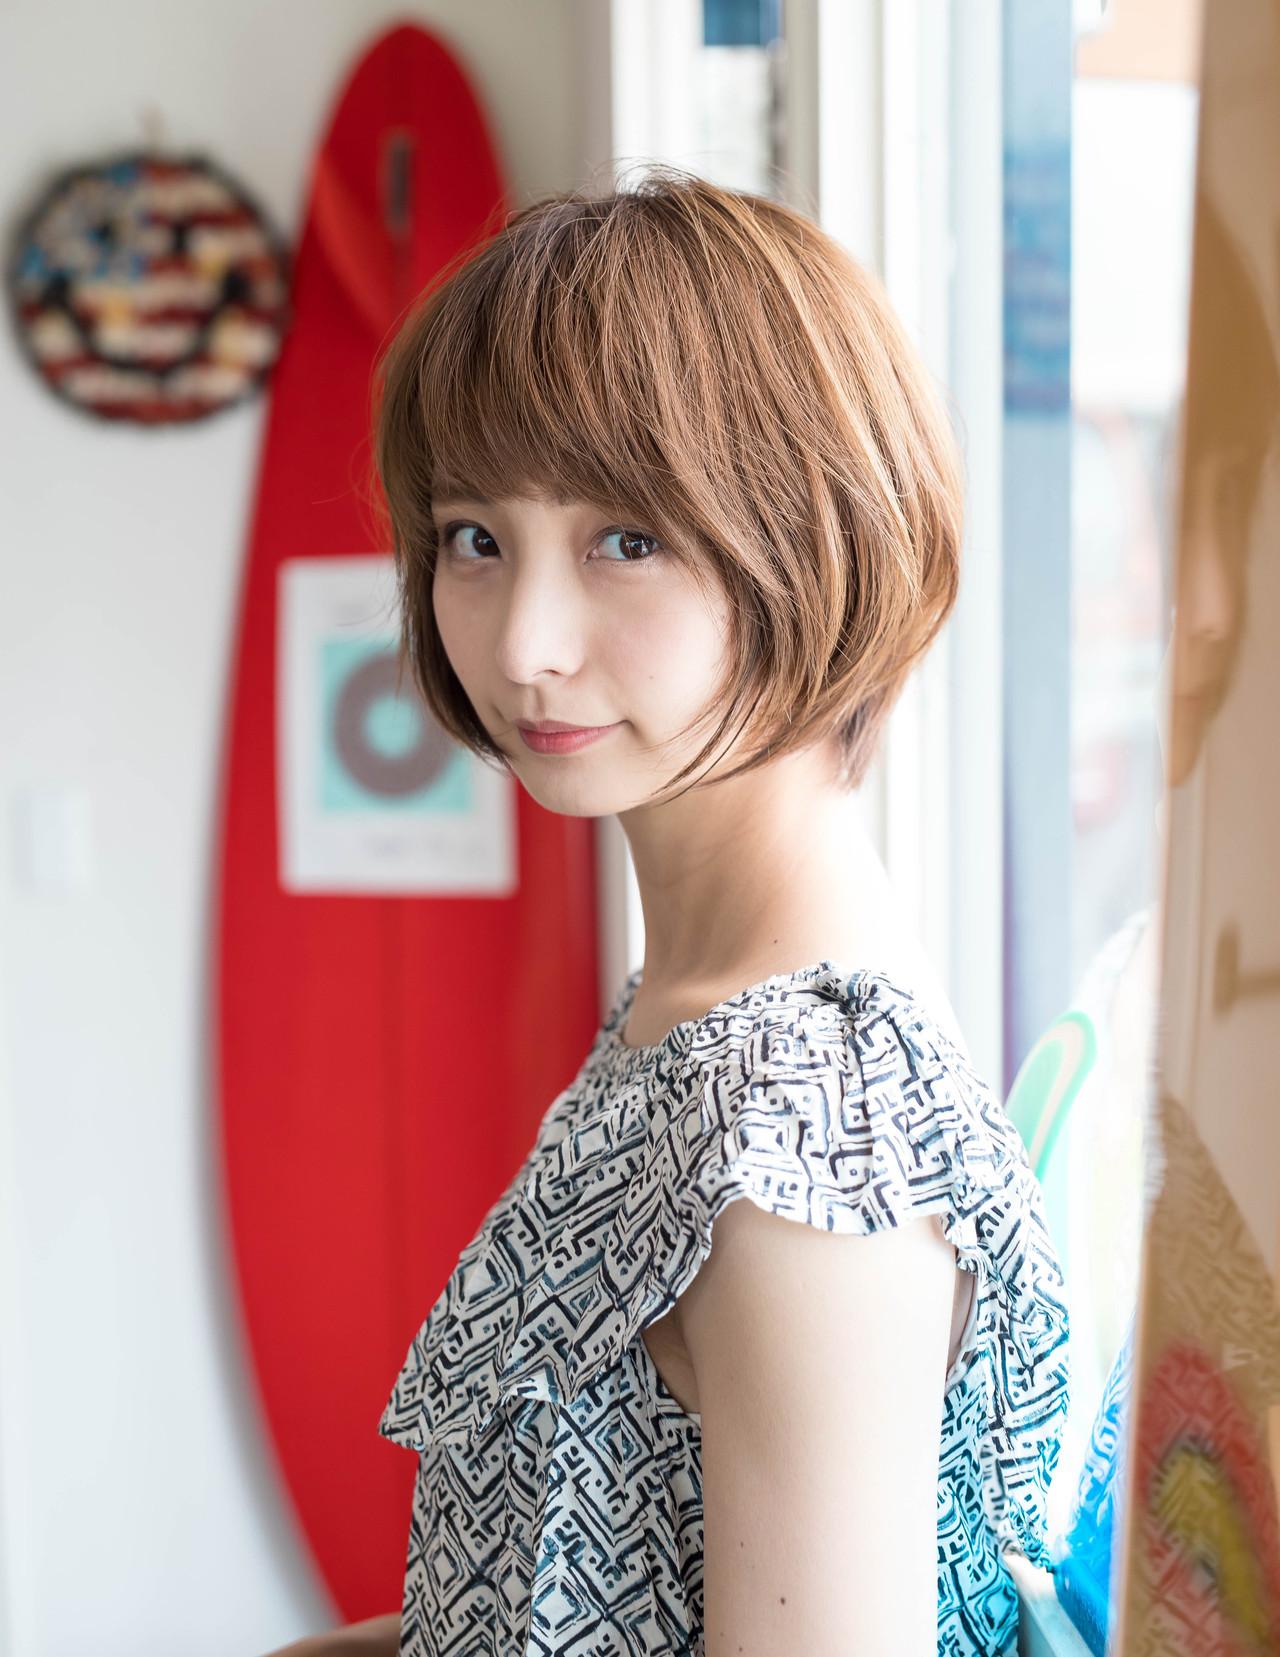 【40代女性向け】丸顔さんを小顔に見せるショートヘアカタログ